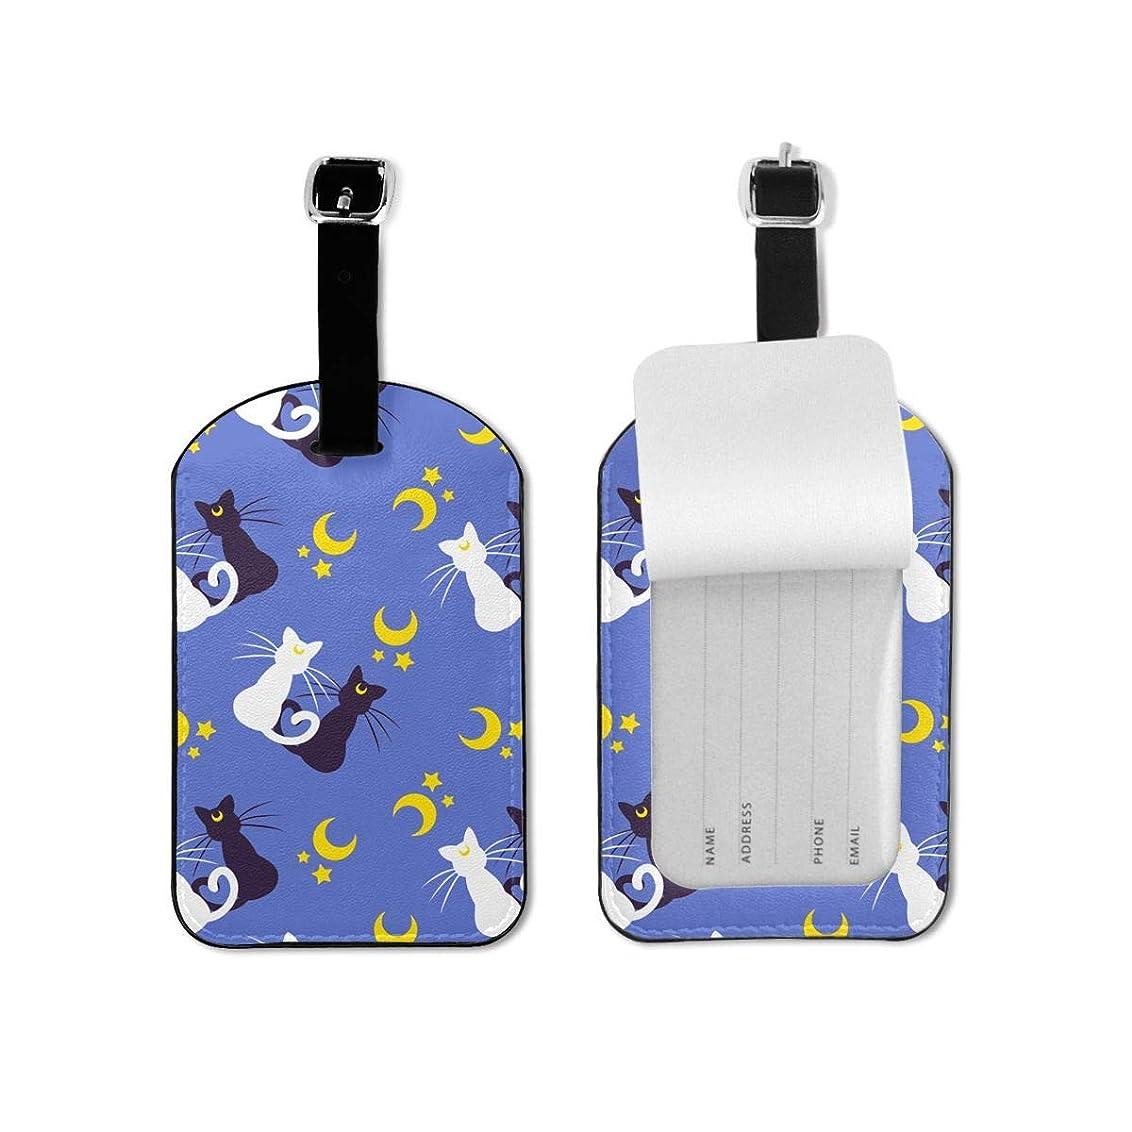 ぐったり何もないバレルネームタグ 荷物タグ 猫と月の星 紛失防止 スーツケースタグ 高級PUレザー かわいい 装飾品 タグ 運動 出張 旅行用 ラゲージタグ バッグ用 旅行手荷物 ラベル